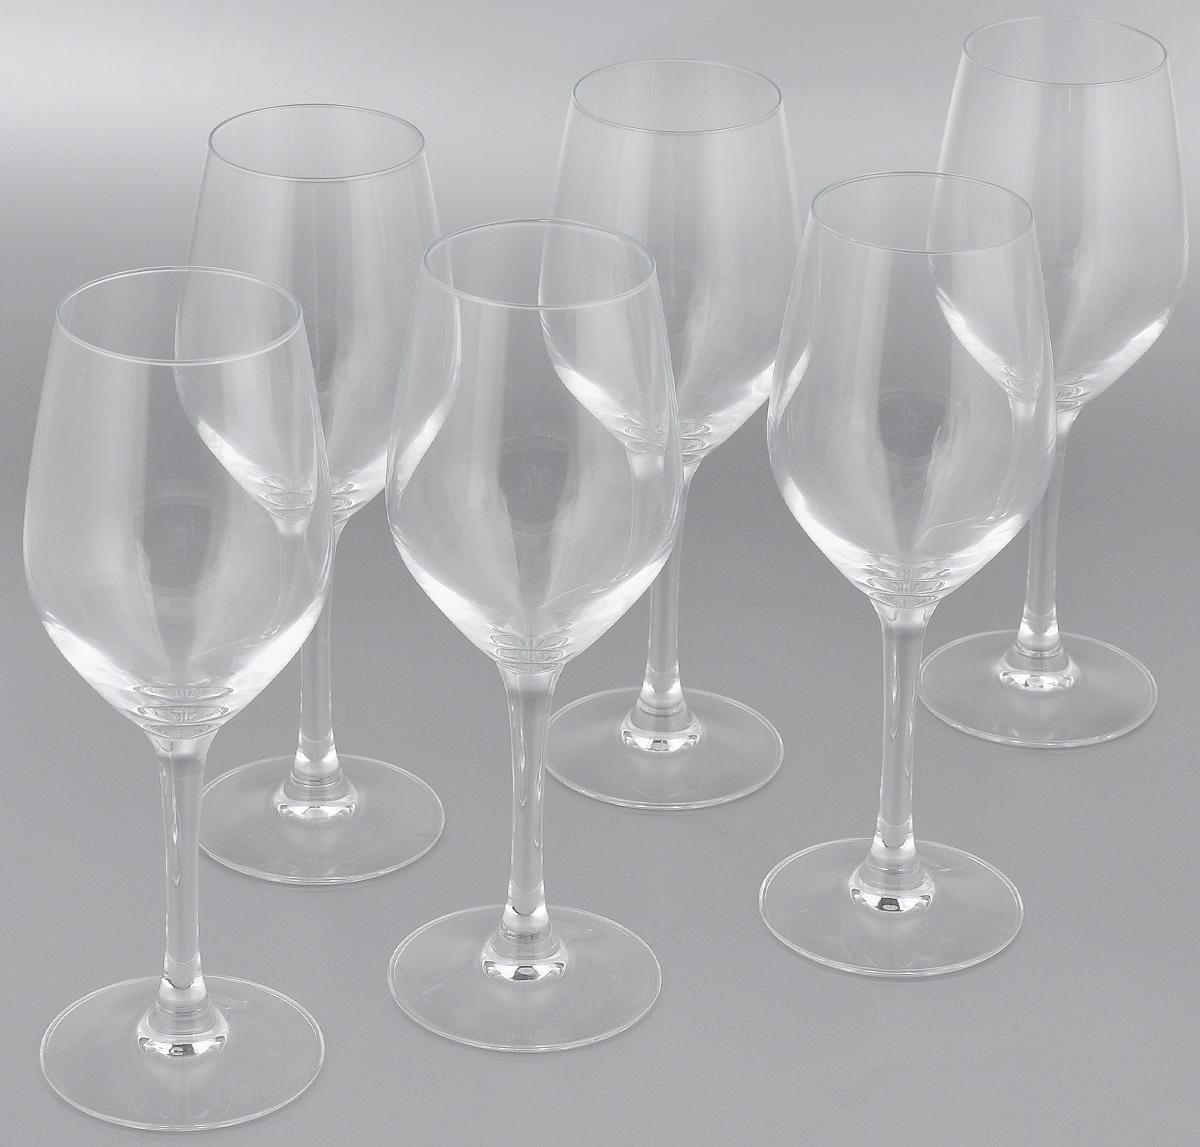 Набор фужеров для вина Luminarc Hermitage, 270 мл, 6 штVT-1520(SR)Набор Luminarc Hermitage состоит из шести фужеров, выполненных из прочного стекла. Изделия оснащены высокими ножками. Фужеры предназначены для подачи вина. Они сочетают в себе элегантный дизайн и функциональность. Благодаря такому набору пить напитки будет еще вкуснее.Набор фужеров Luminarc Hermitage прекрасно оформит праздничный стол и создаст приятную атмосферу за романтическим ужином. Такой набор также станет хорошим подарком к любому случаю. Диаметр фужера (по верхнему краю): 5,5 см. Высота фужера: 20,5 см.